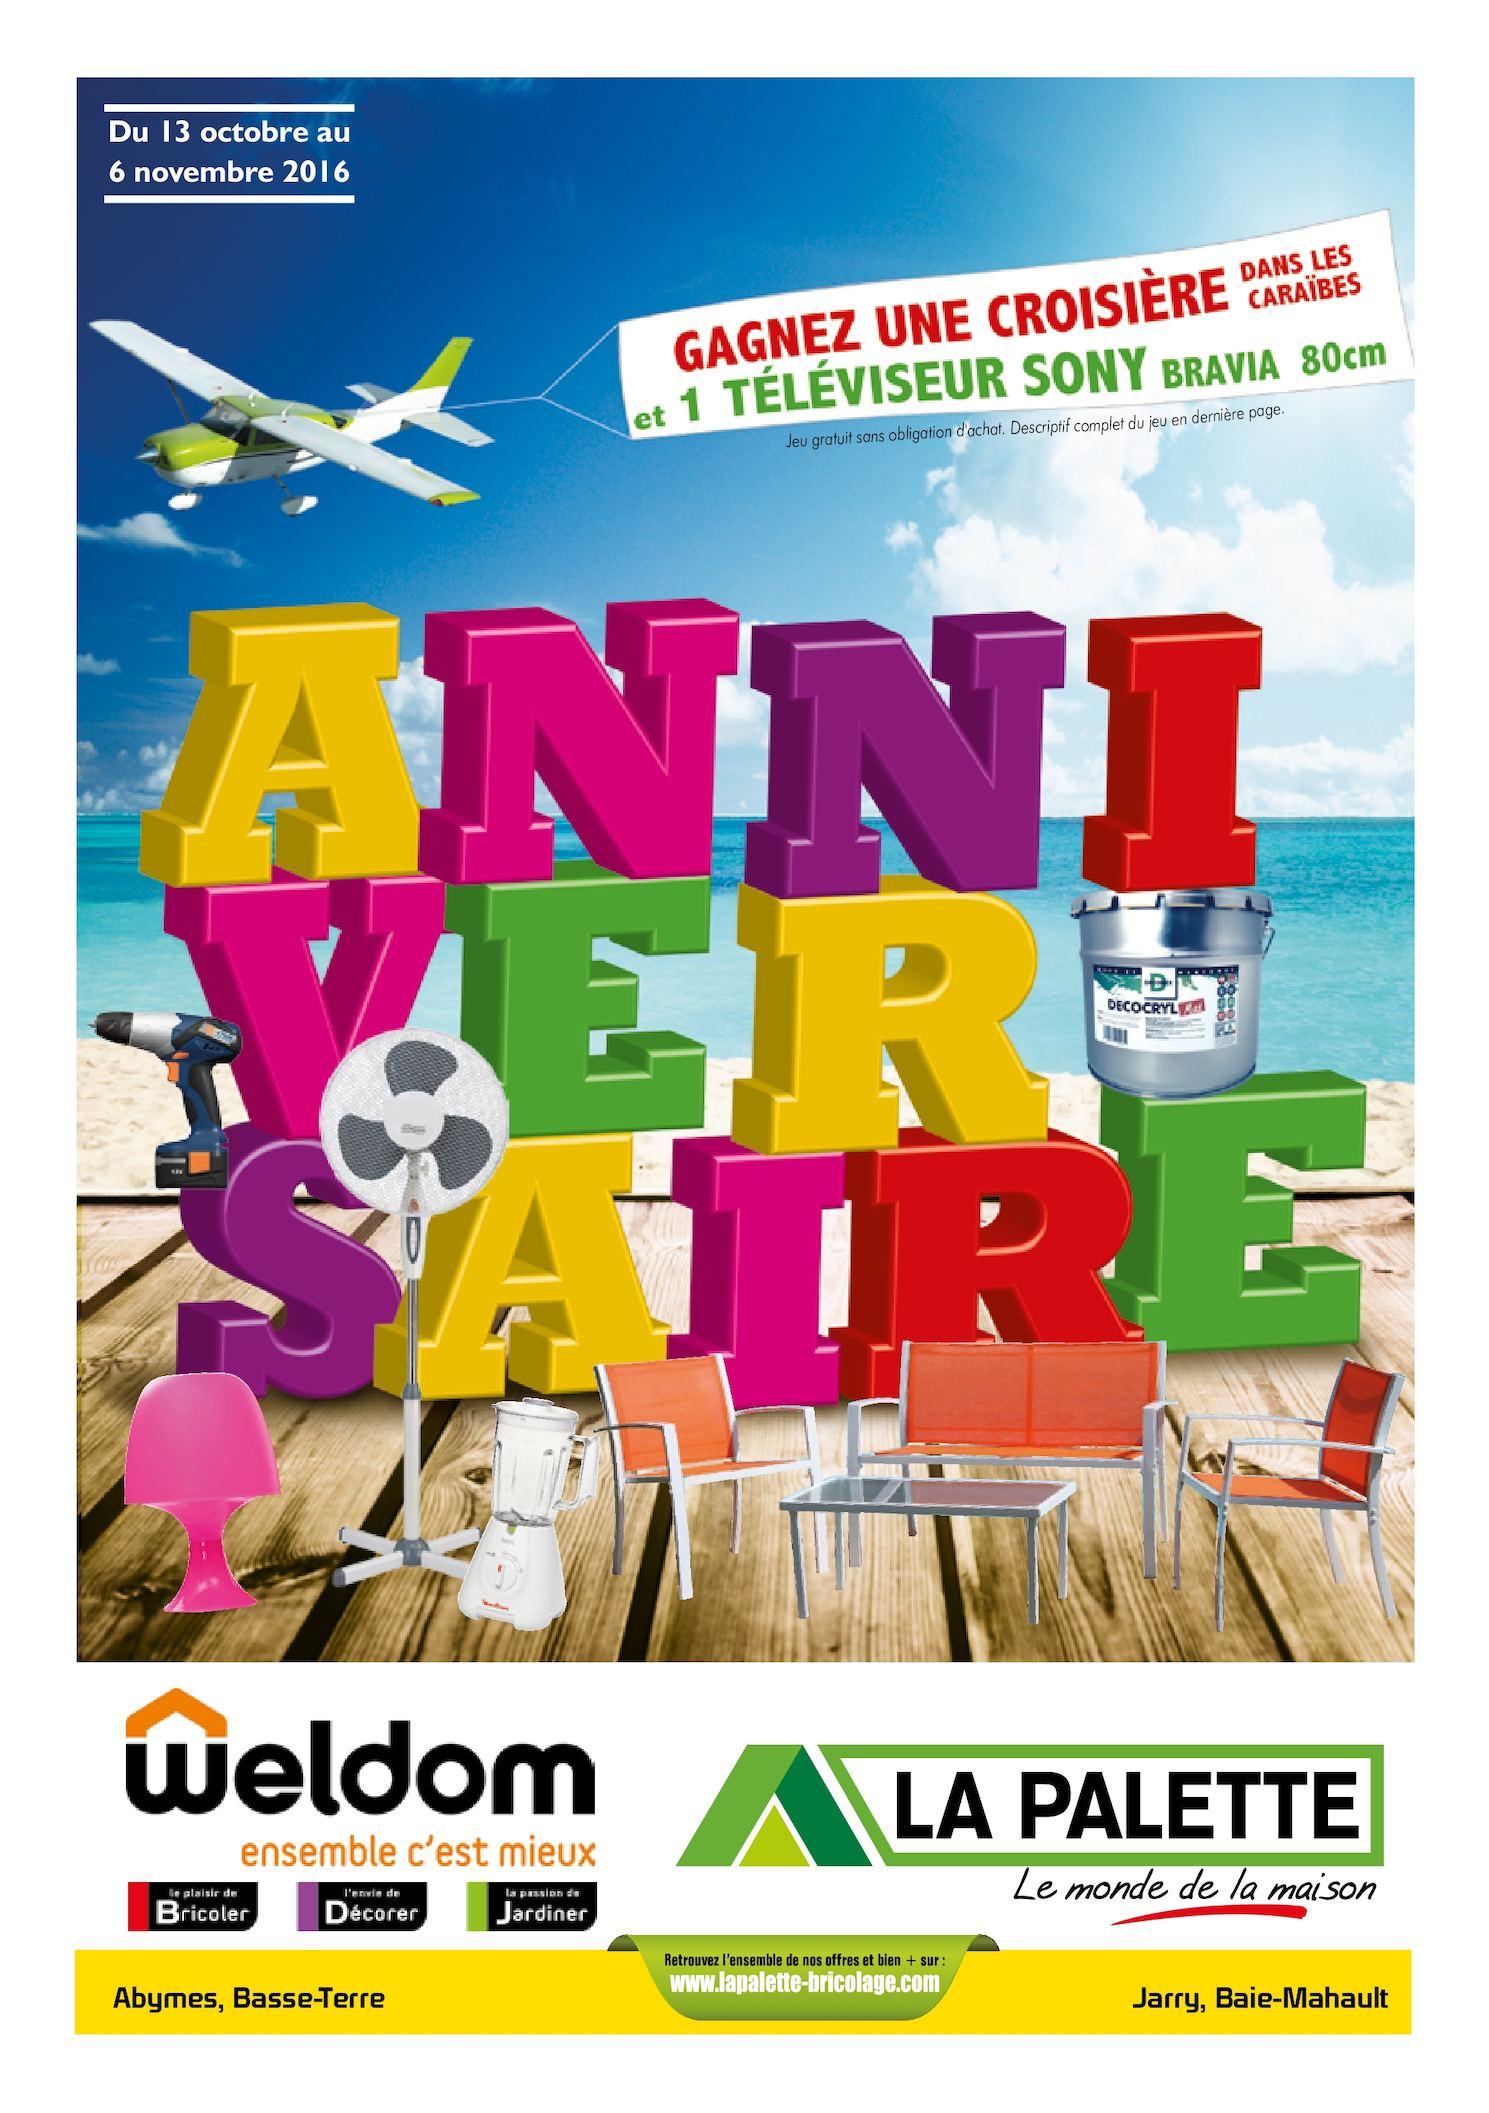 Calaméo La Palette Weldom Guadeloupe Anniversaire